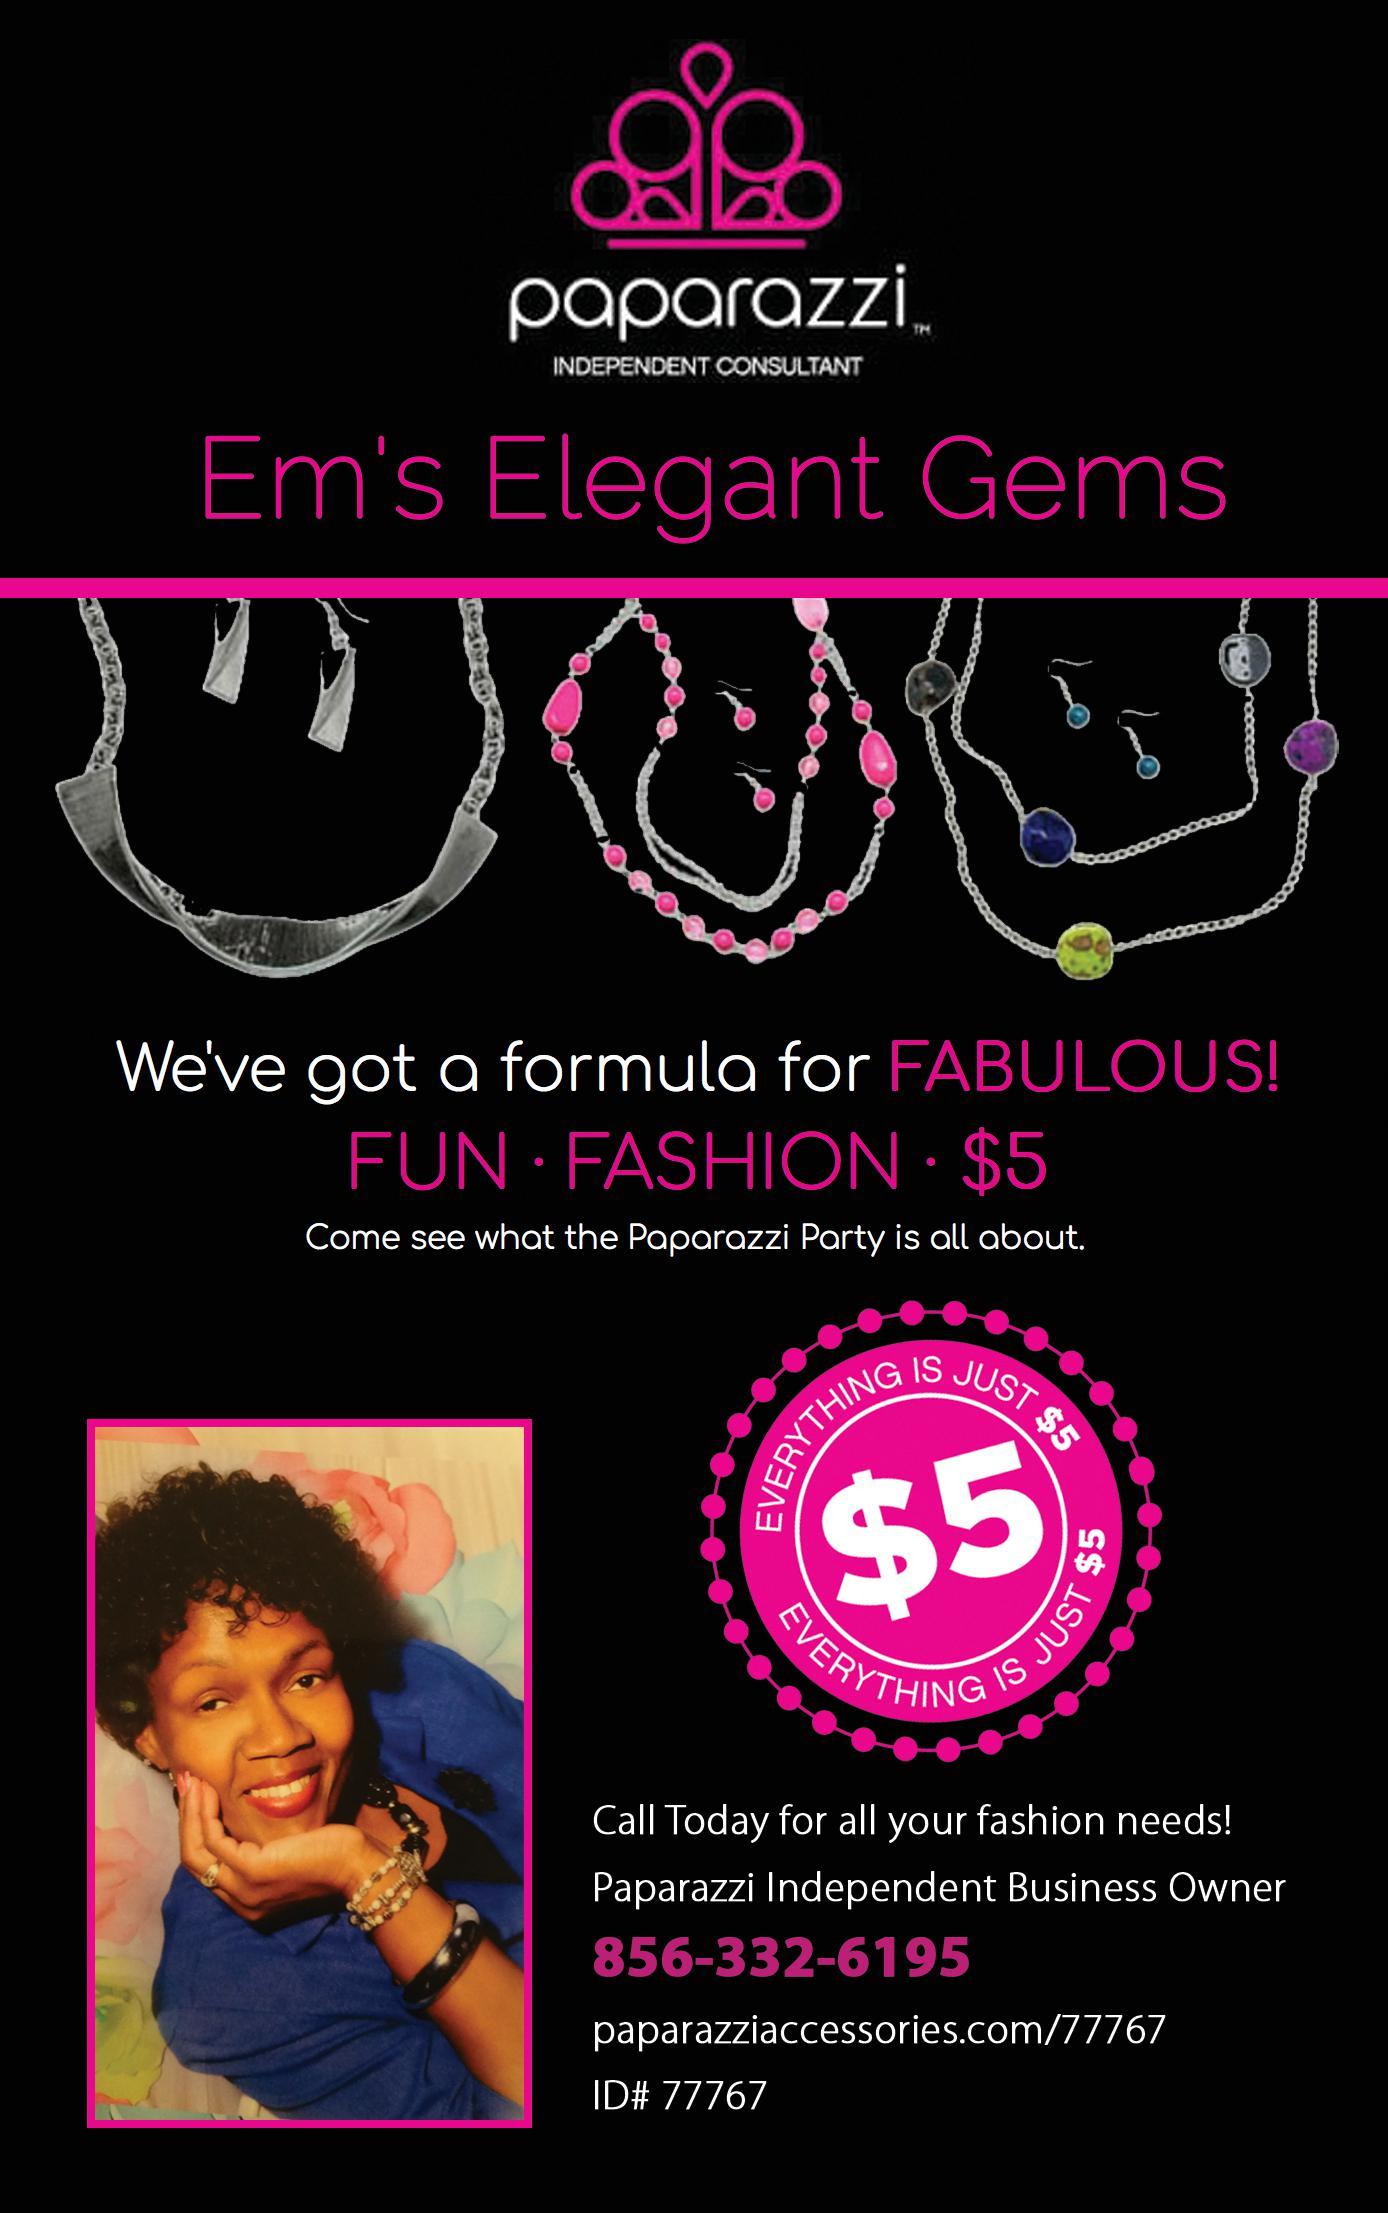 Em's Elegant Gems